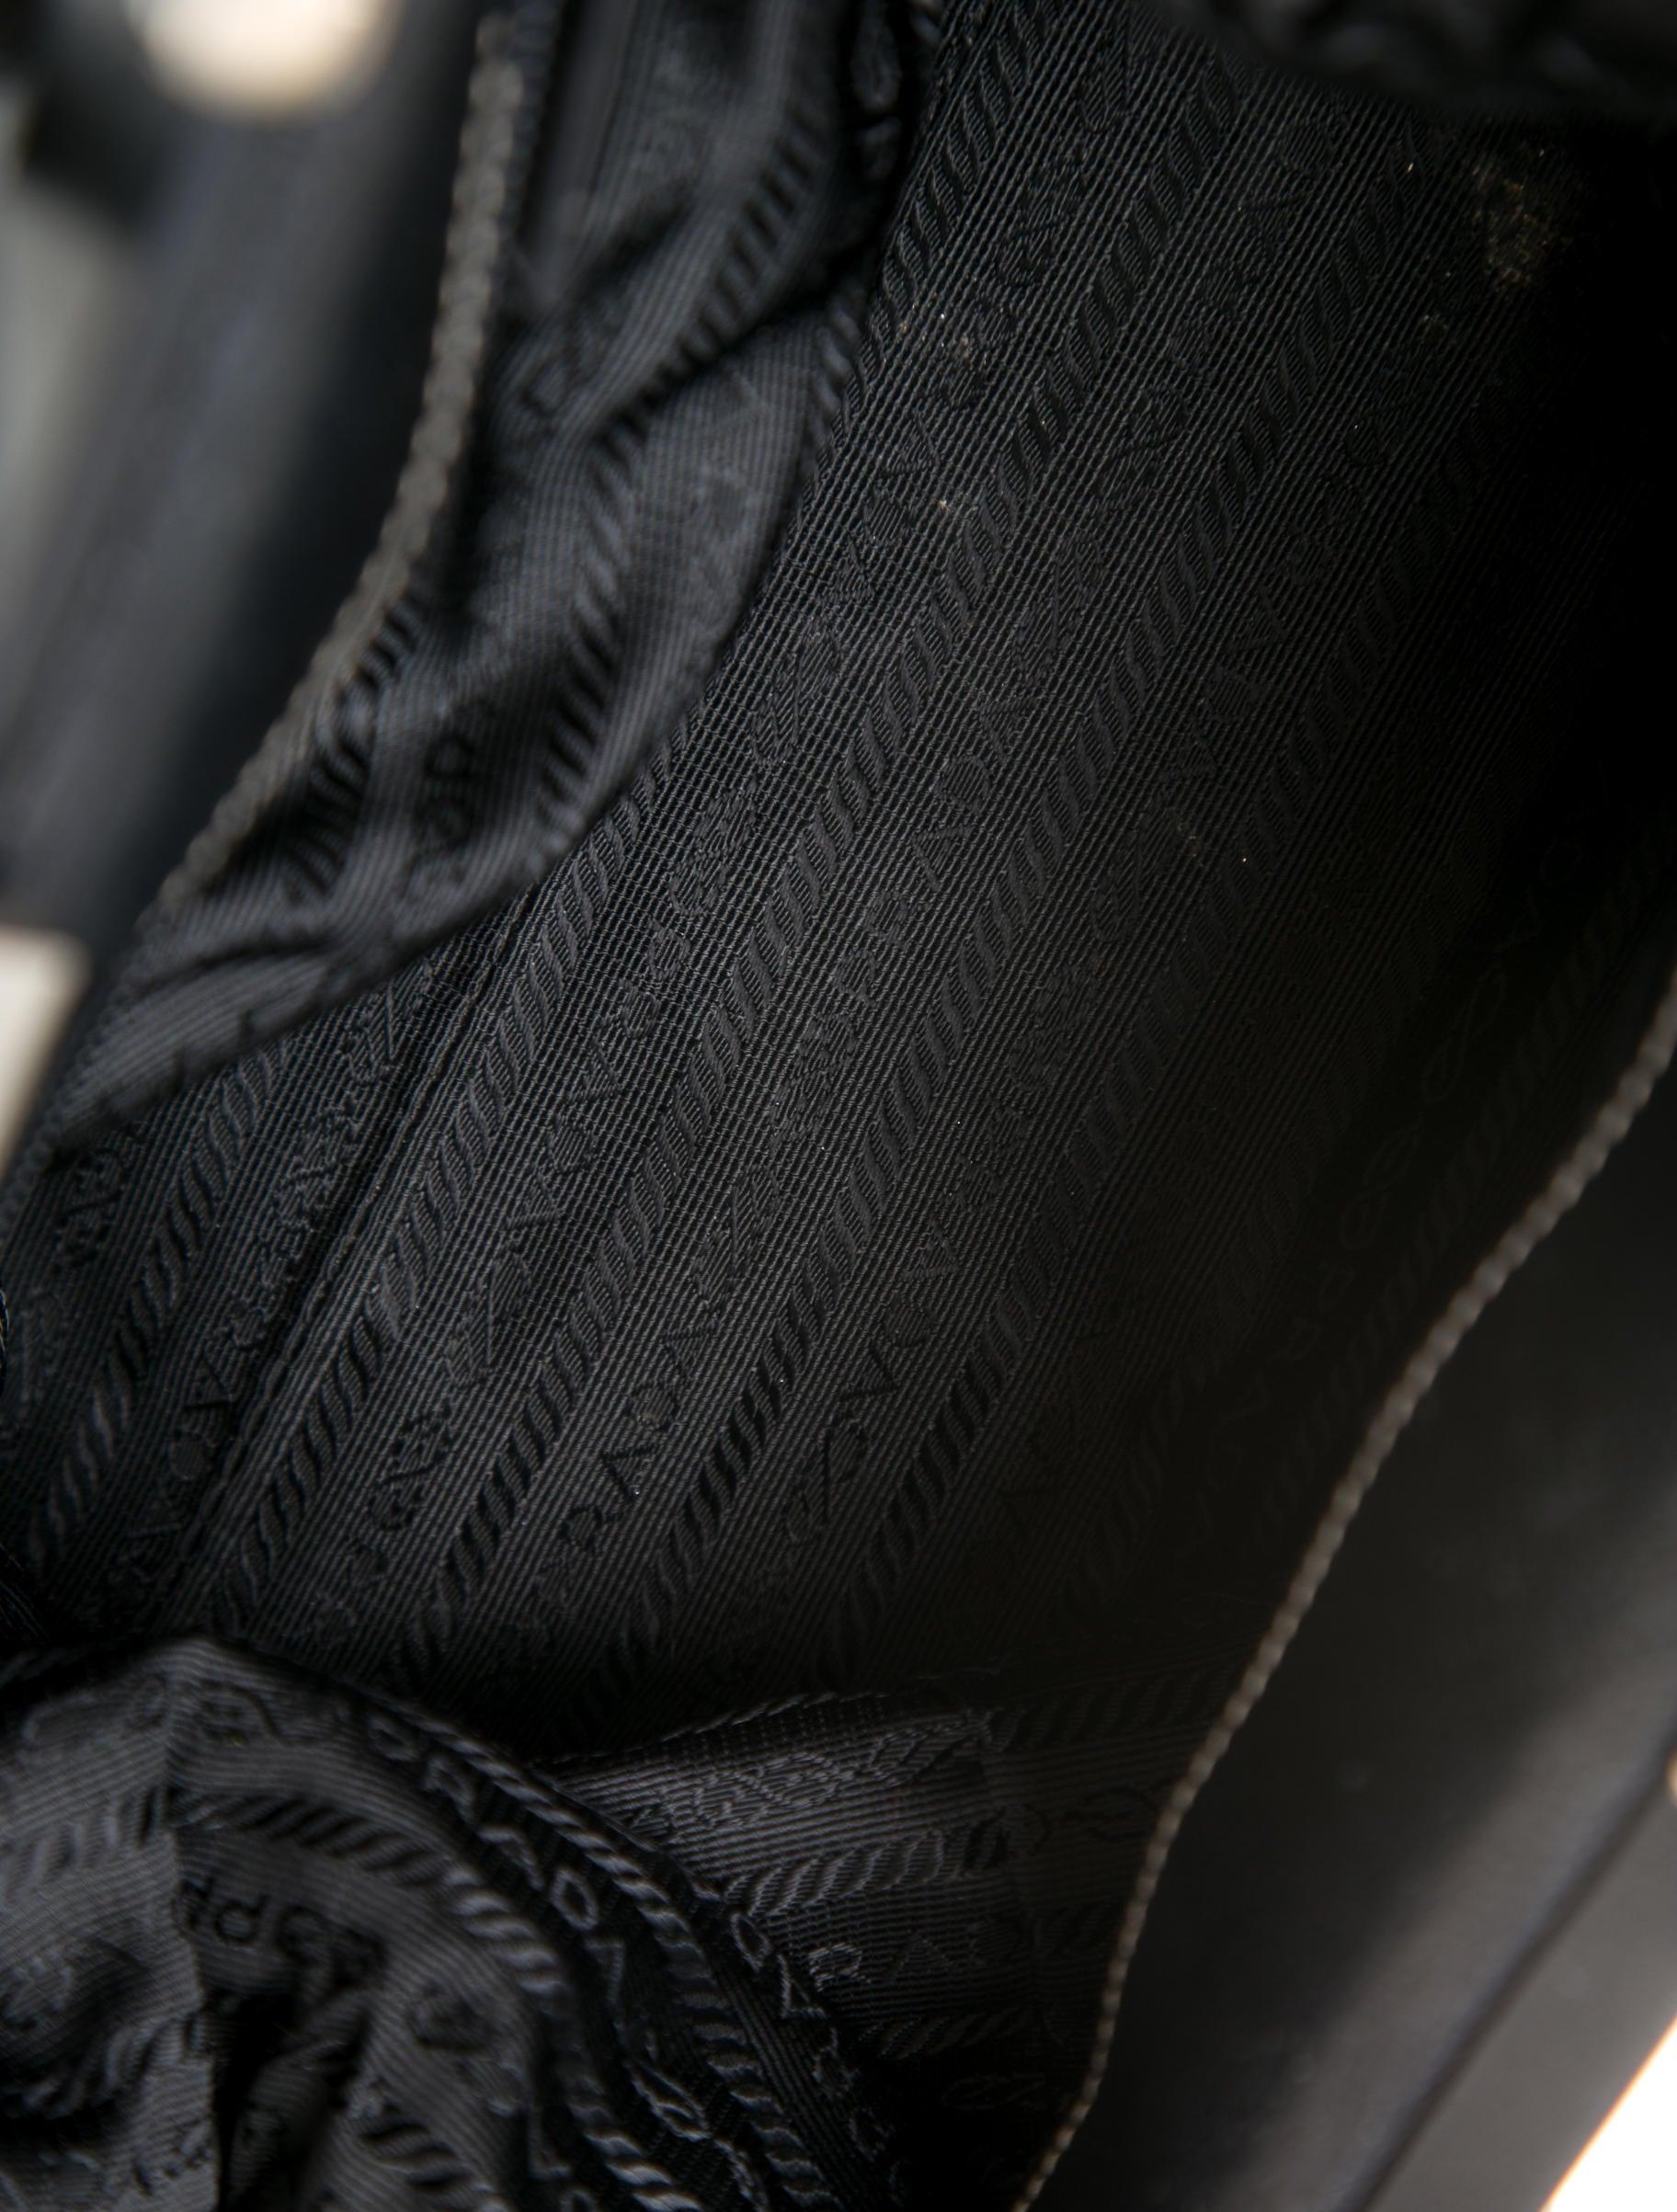 Prada Madras Cerniera Doctor Bag - Handbags - PRA58547   The RealReal